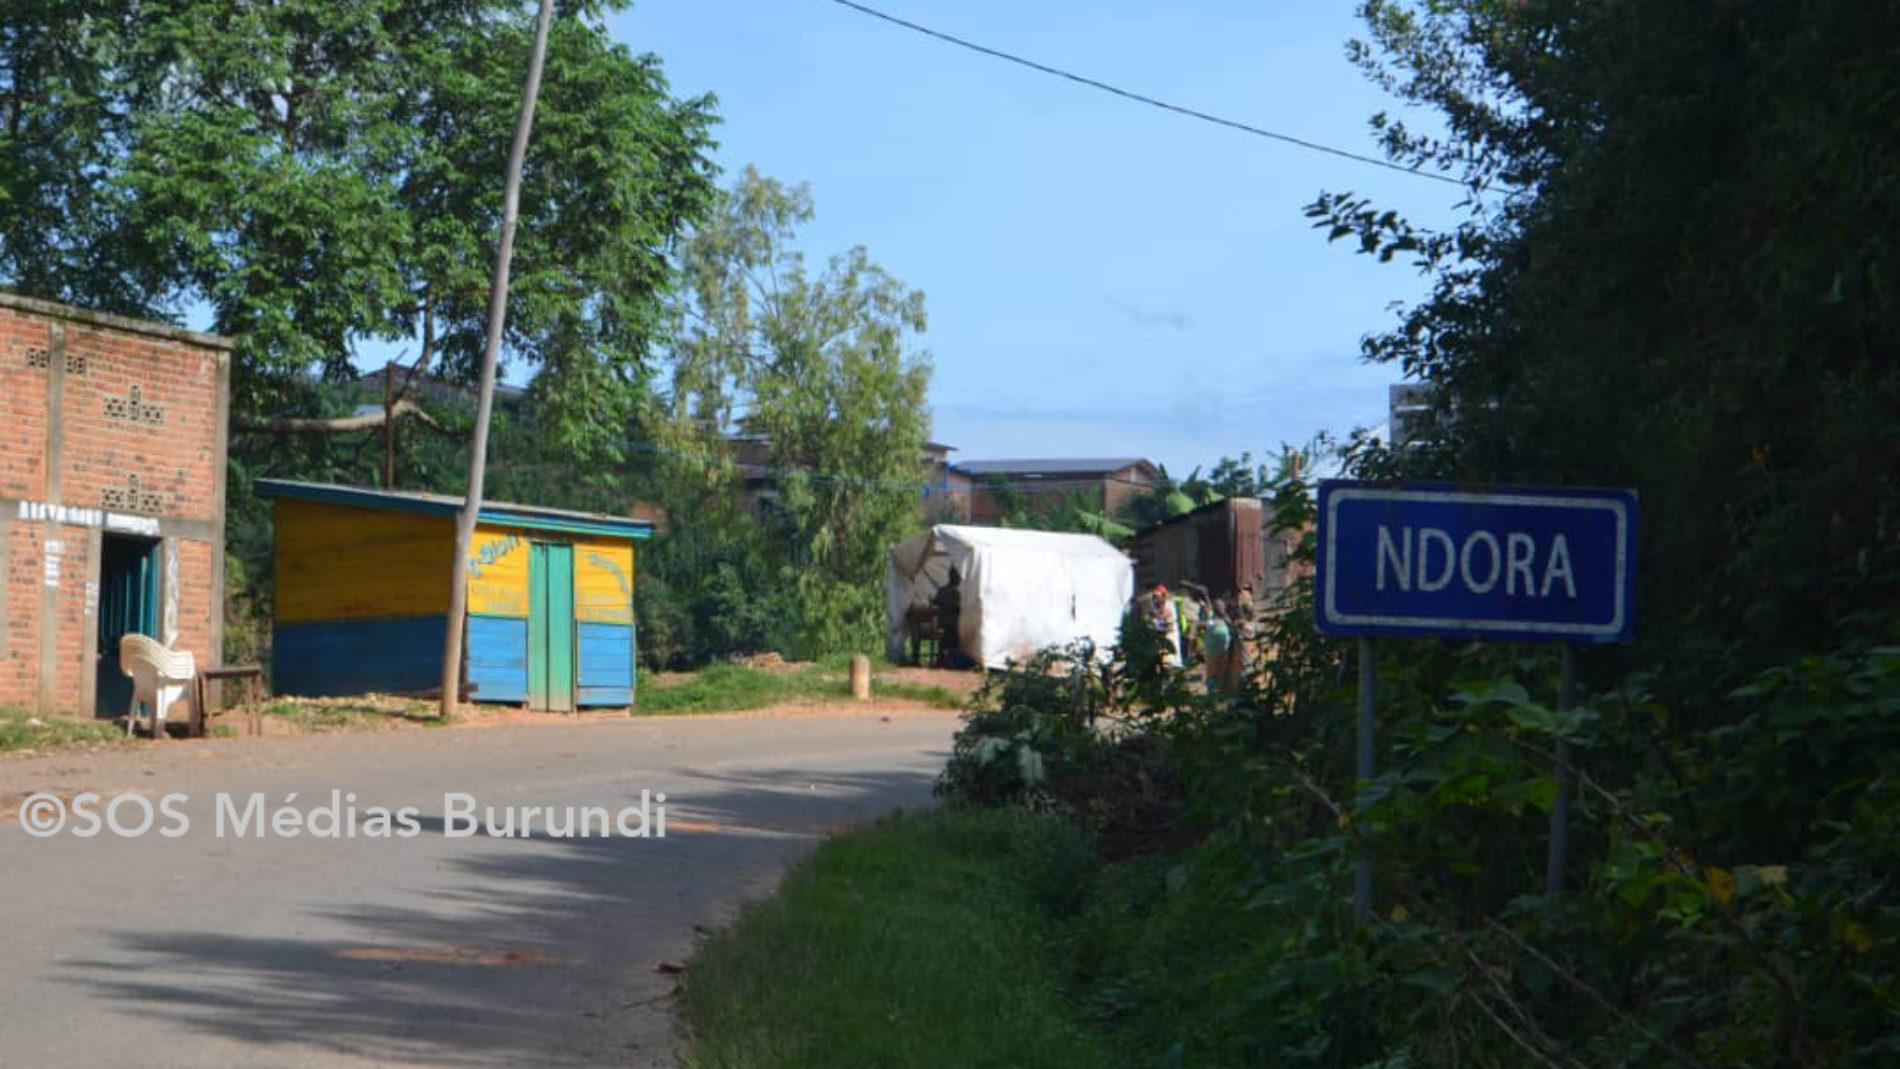 Bukinanyana: découverte de 4 cadavres